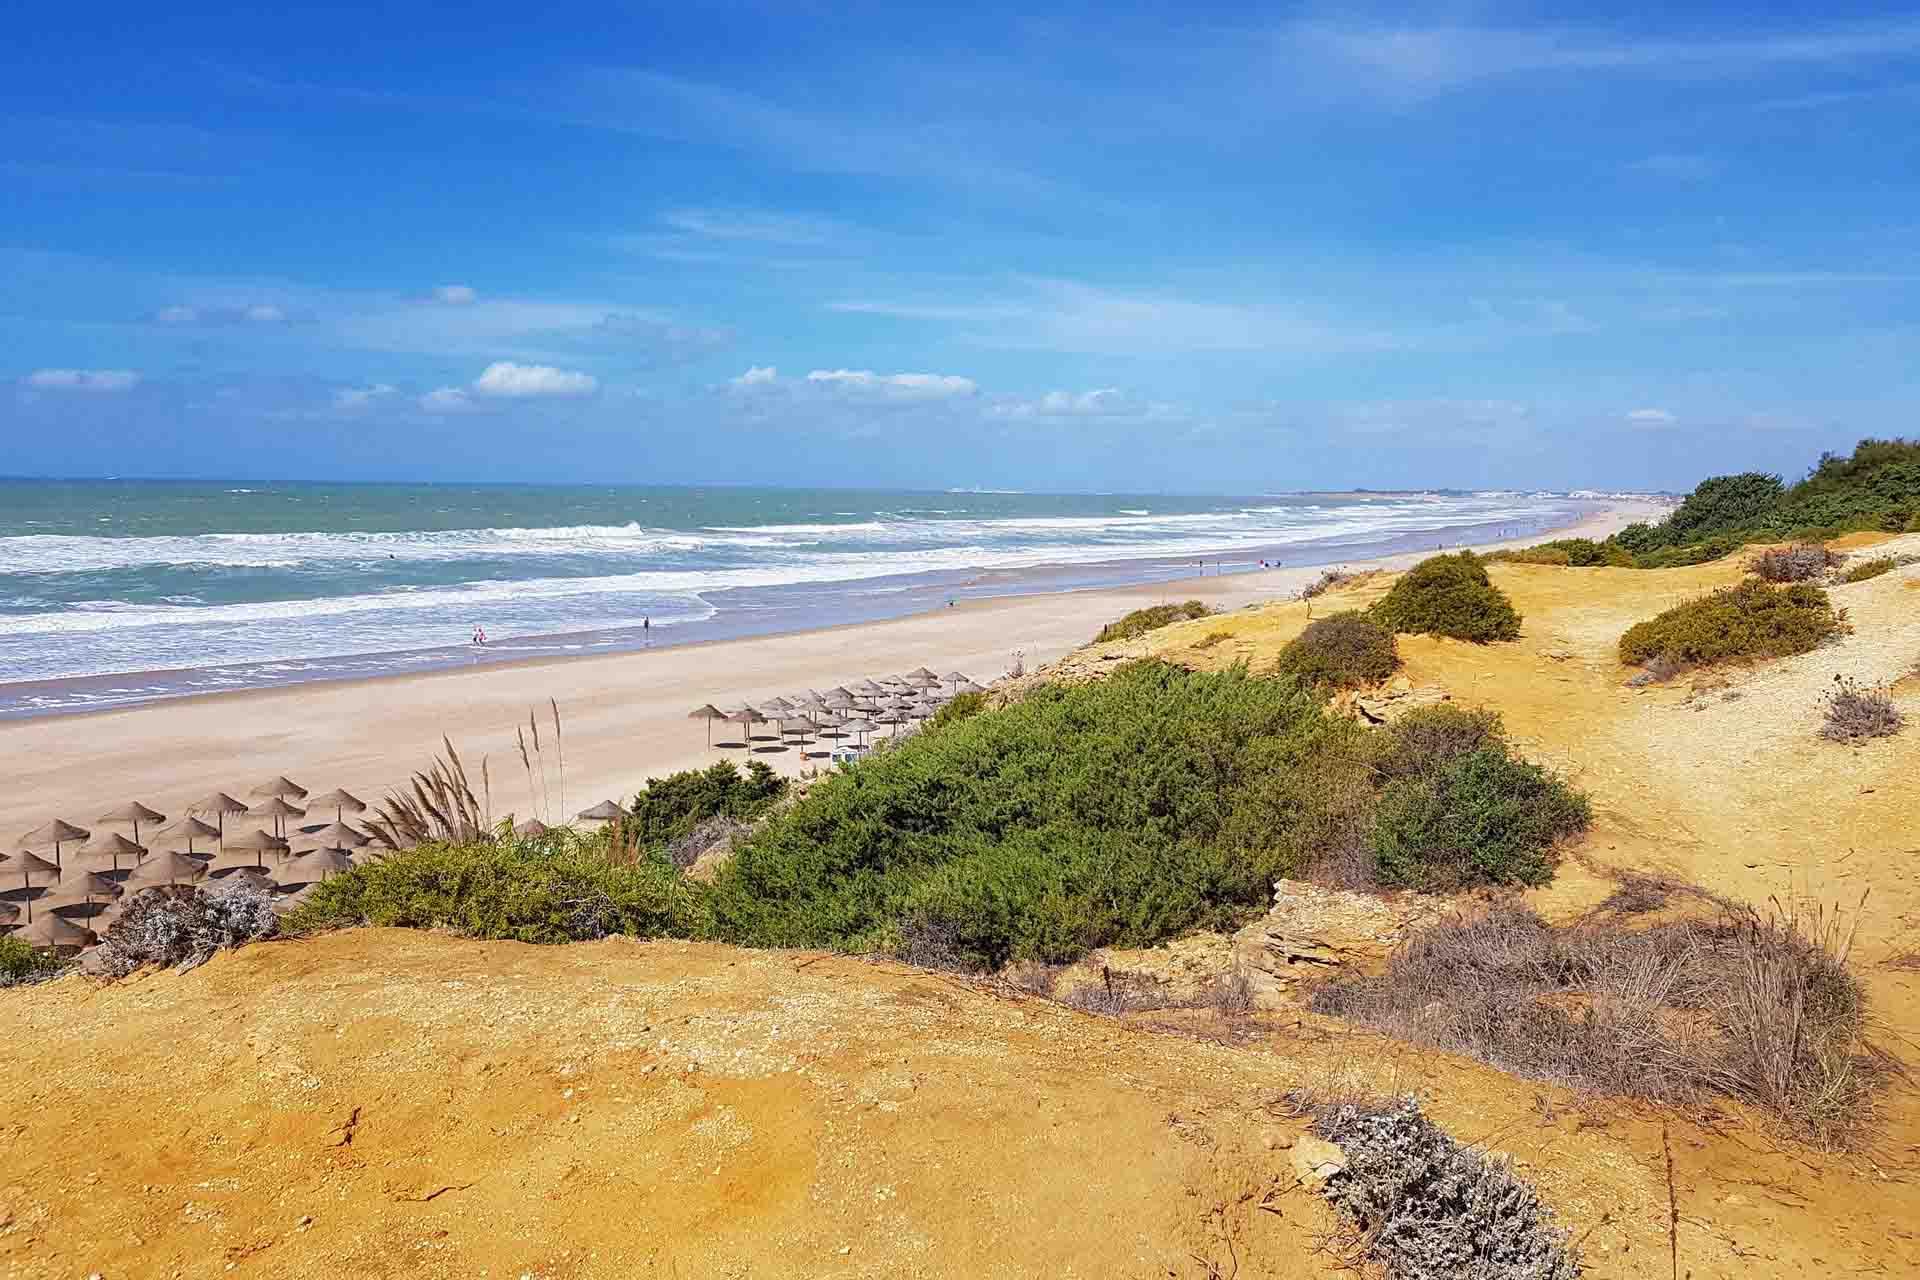 Strand der Costa de la Luz